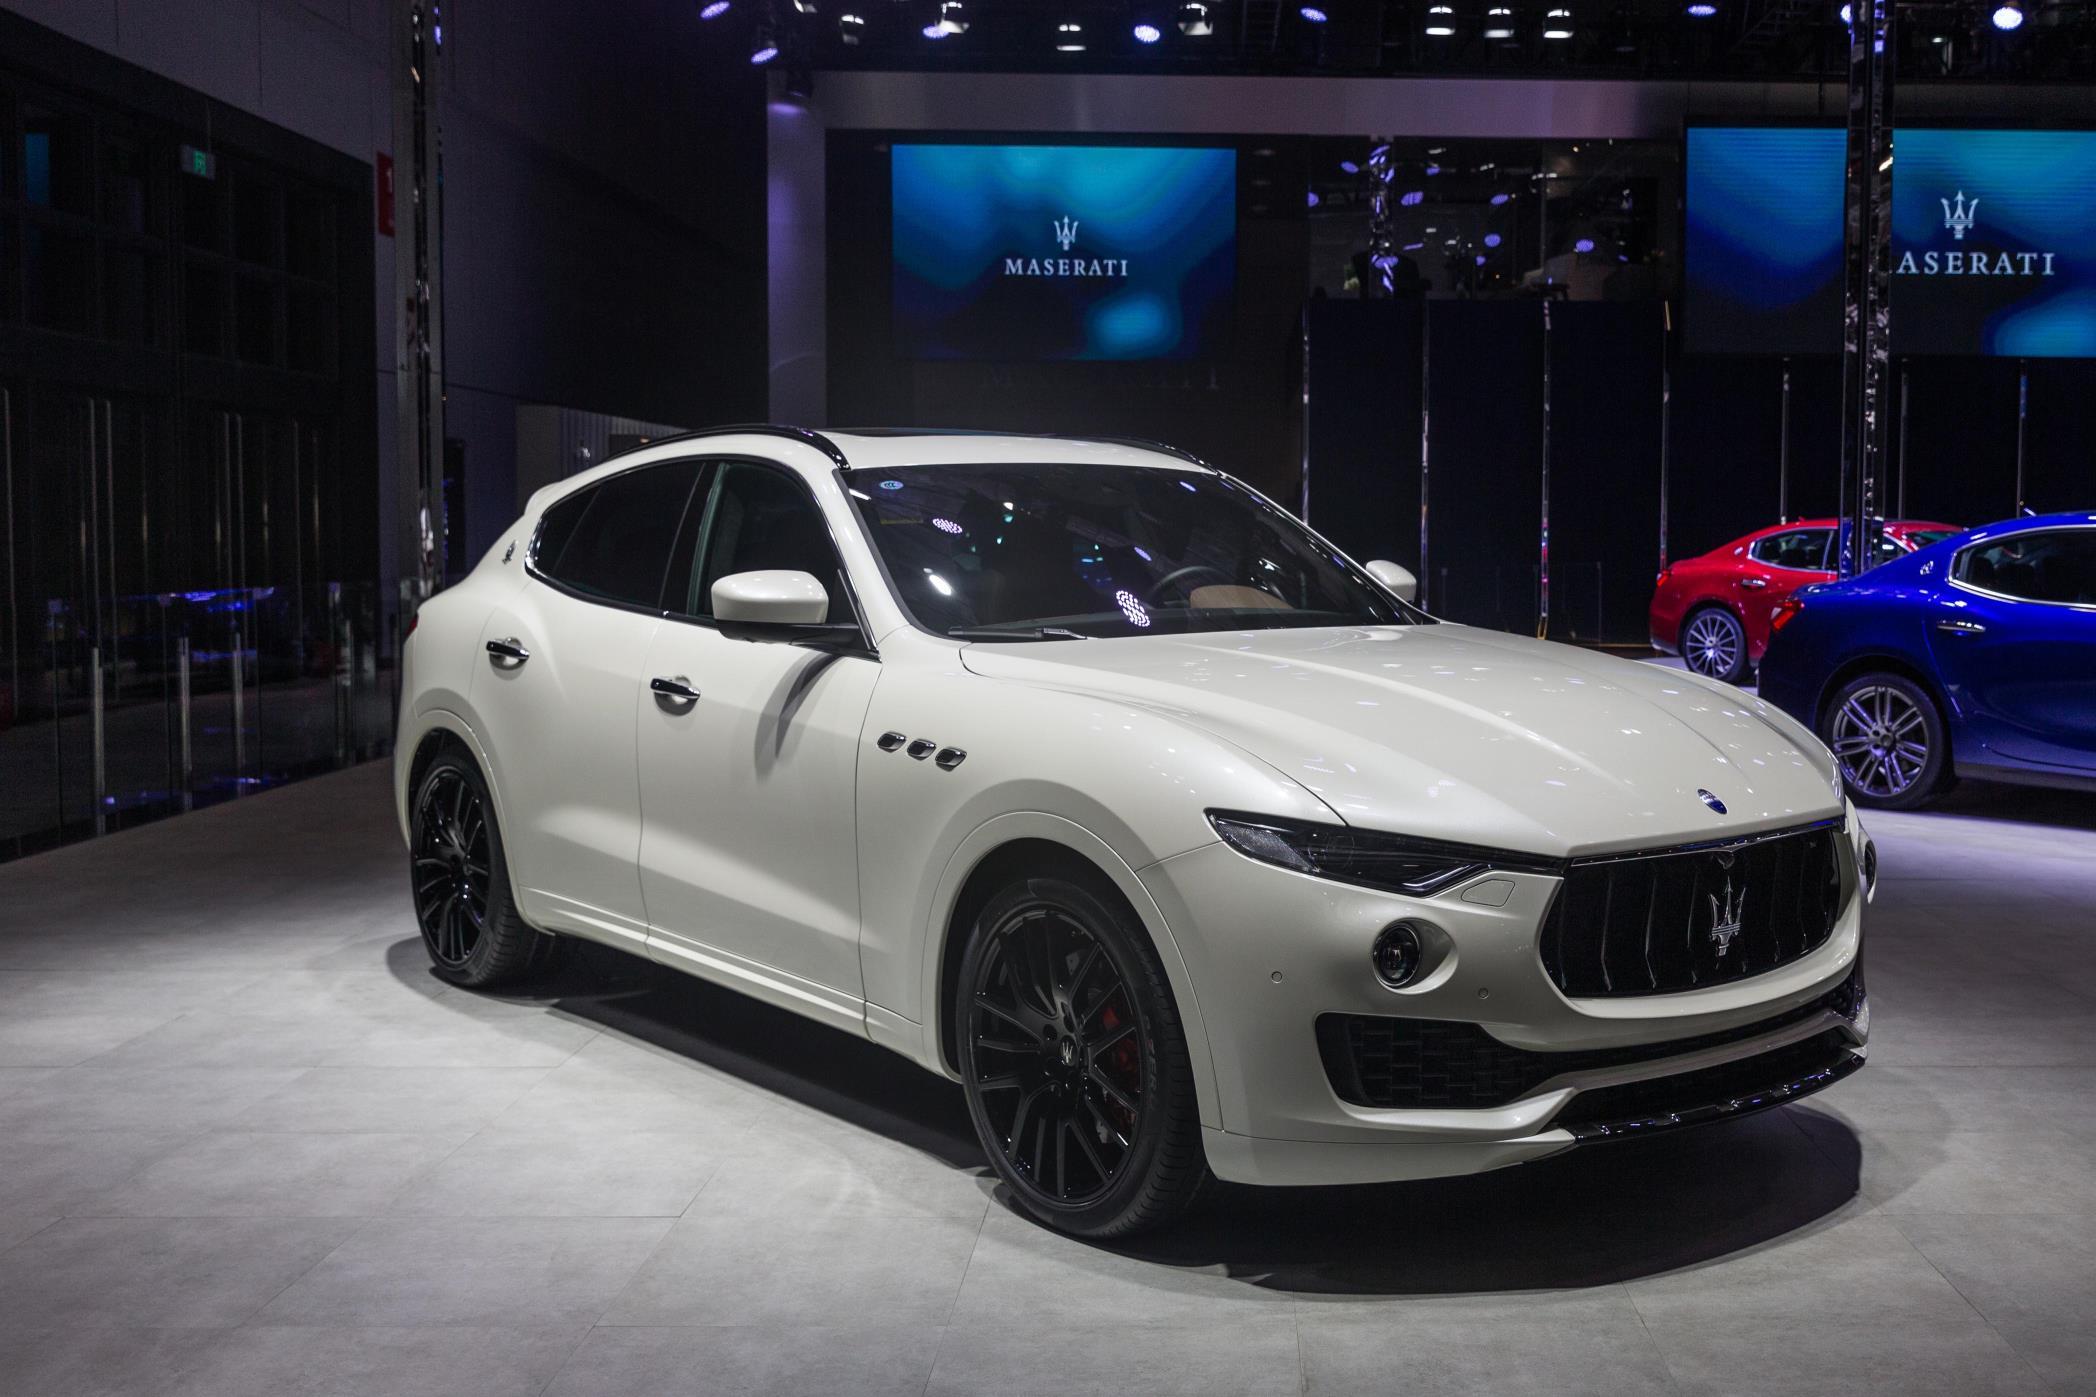 Maserati No A Quattroporte Gransport Sedan Presented To Chinese Custo